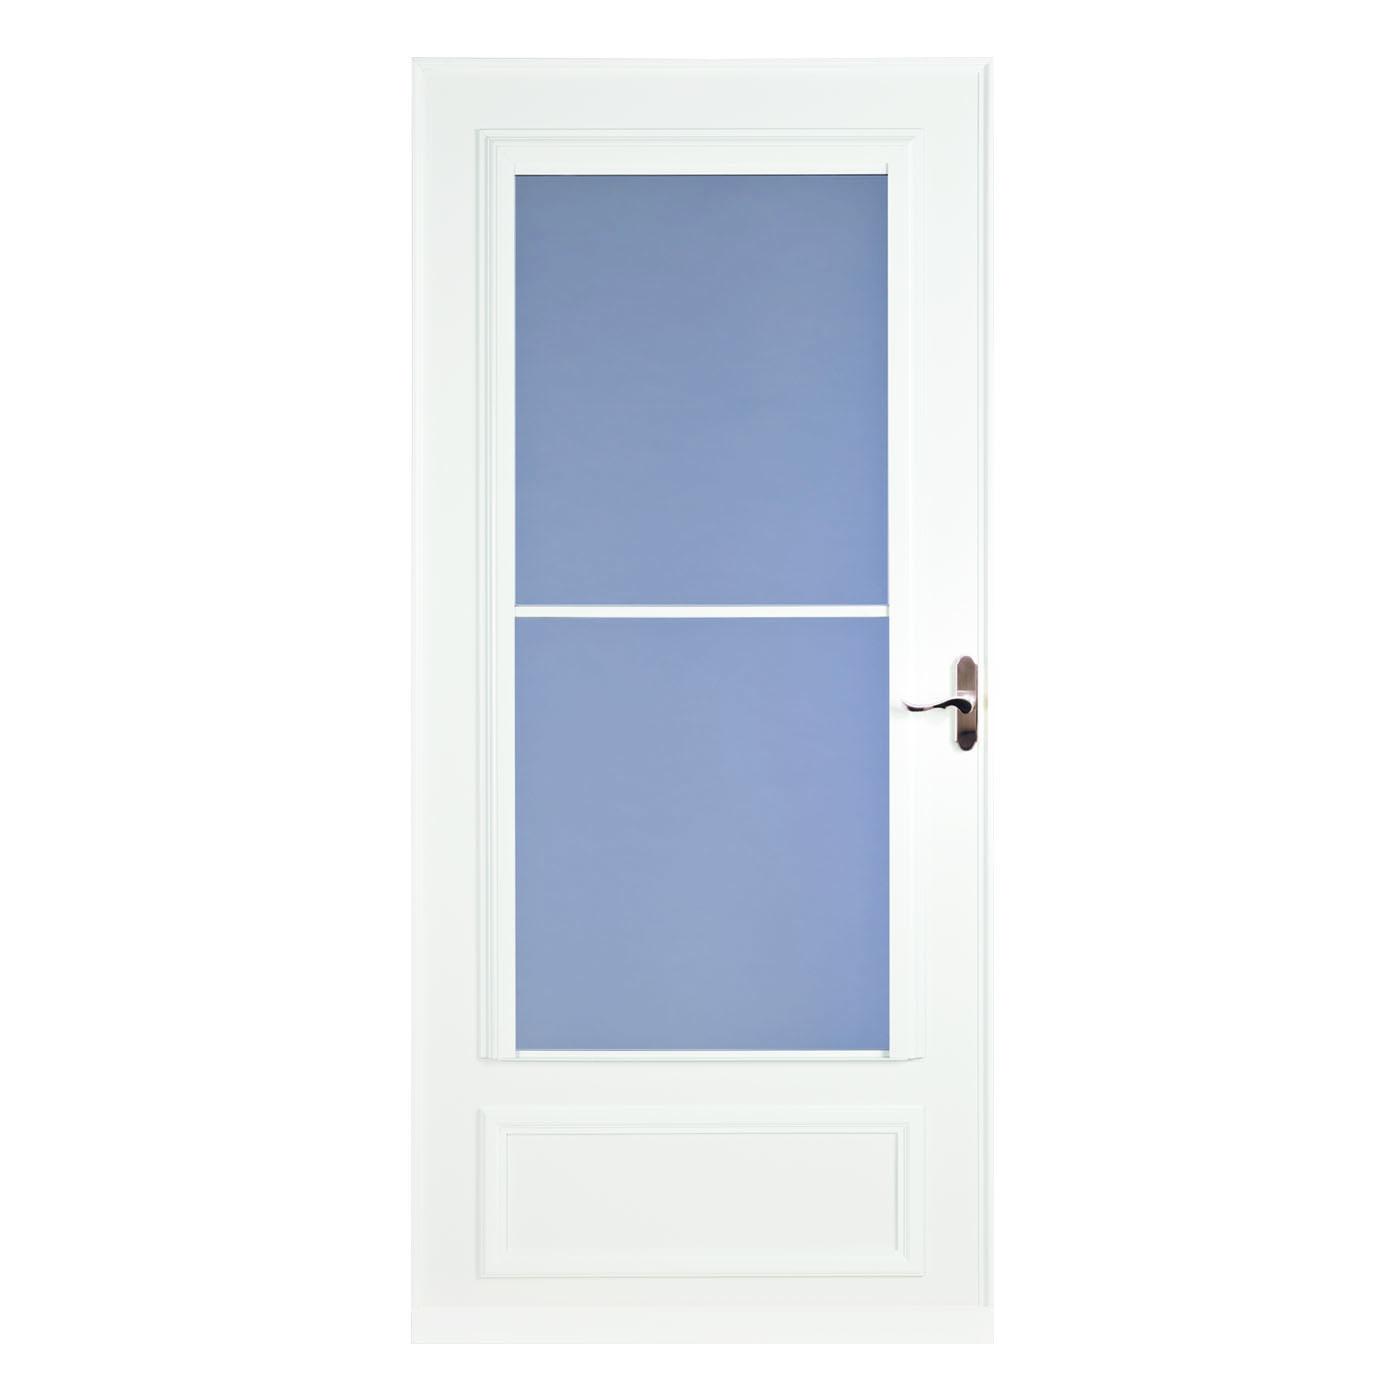 LARSON DOOR LIFESTYLE MID-VIEW SCRN-AWAY